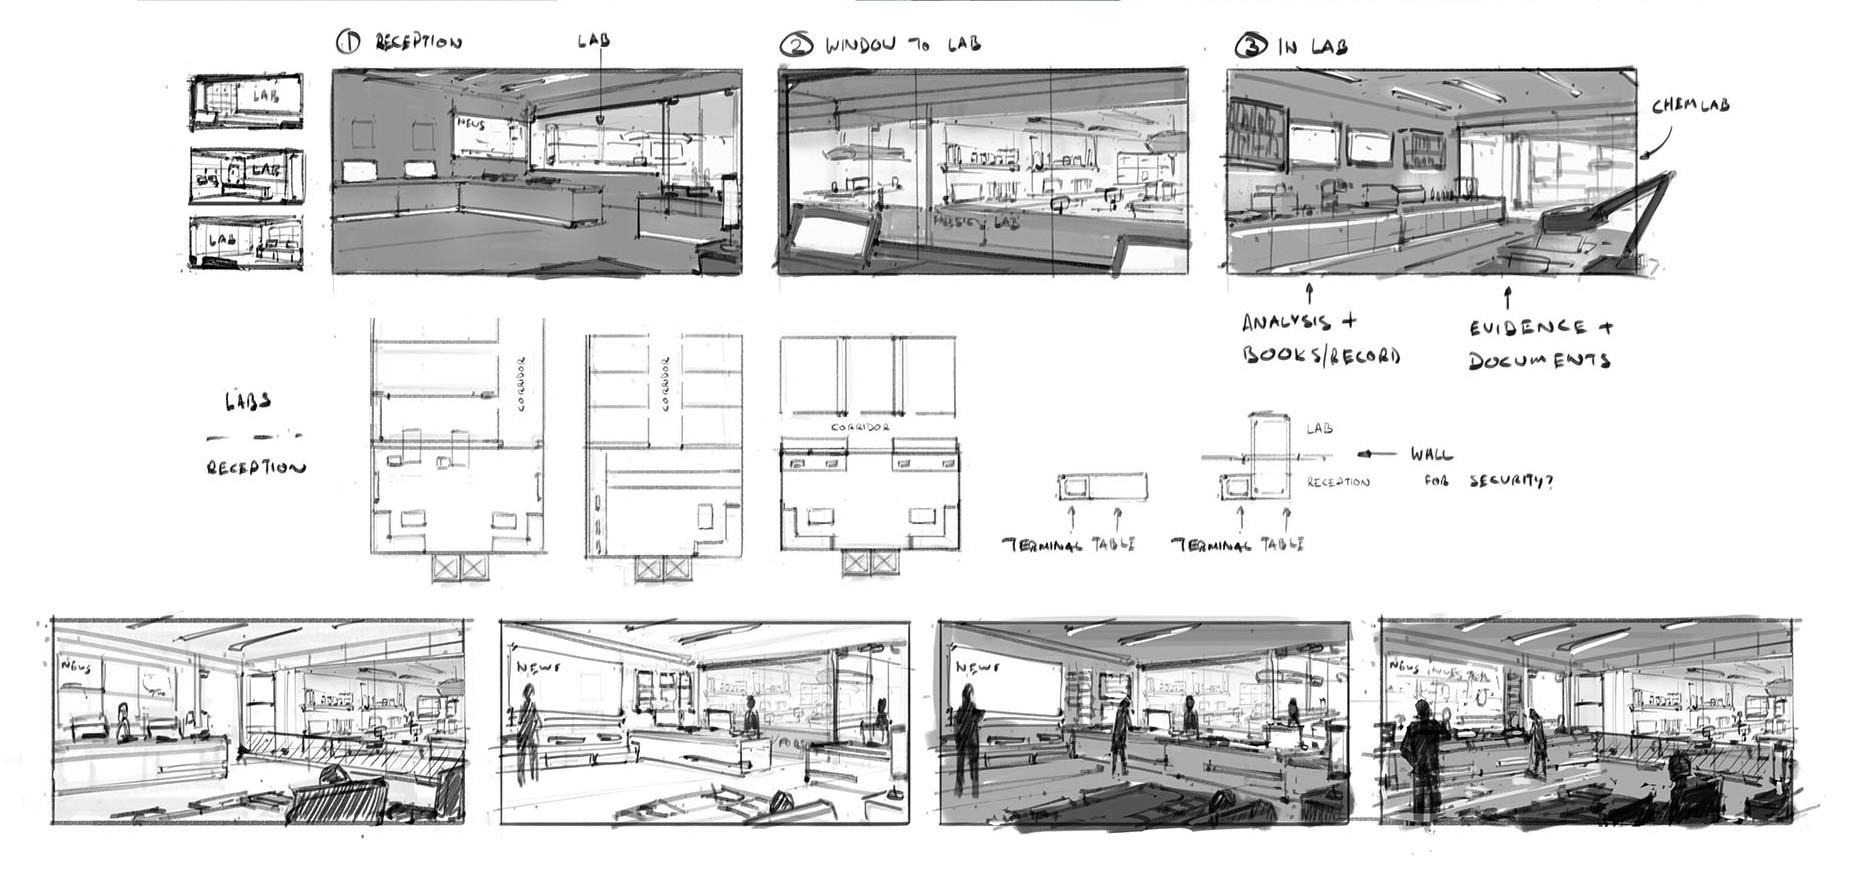 Dominic chan env csilab sketches portfolio 20180330 b